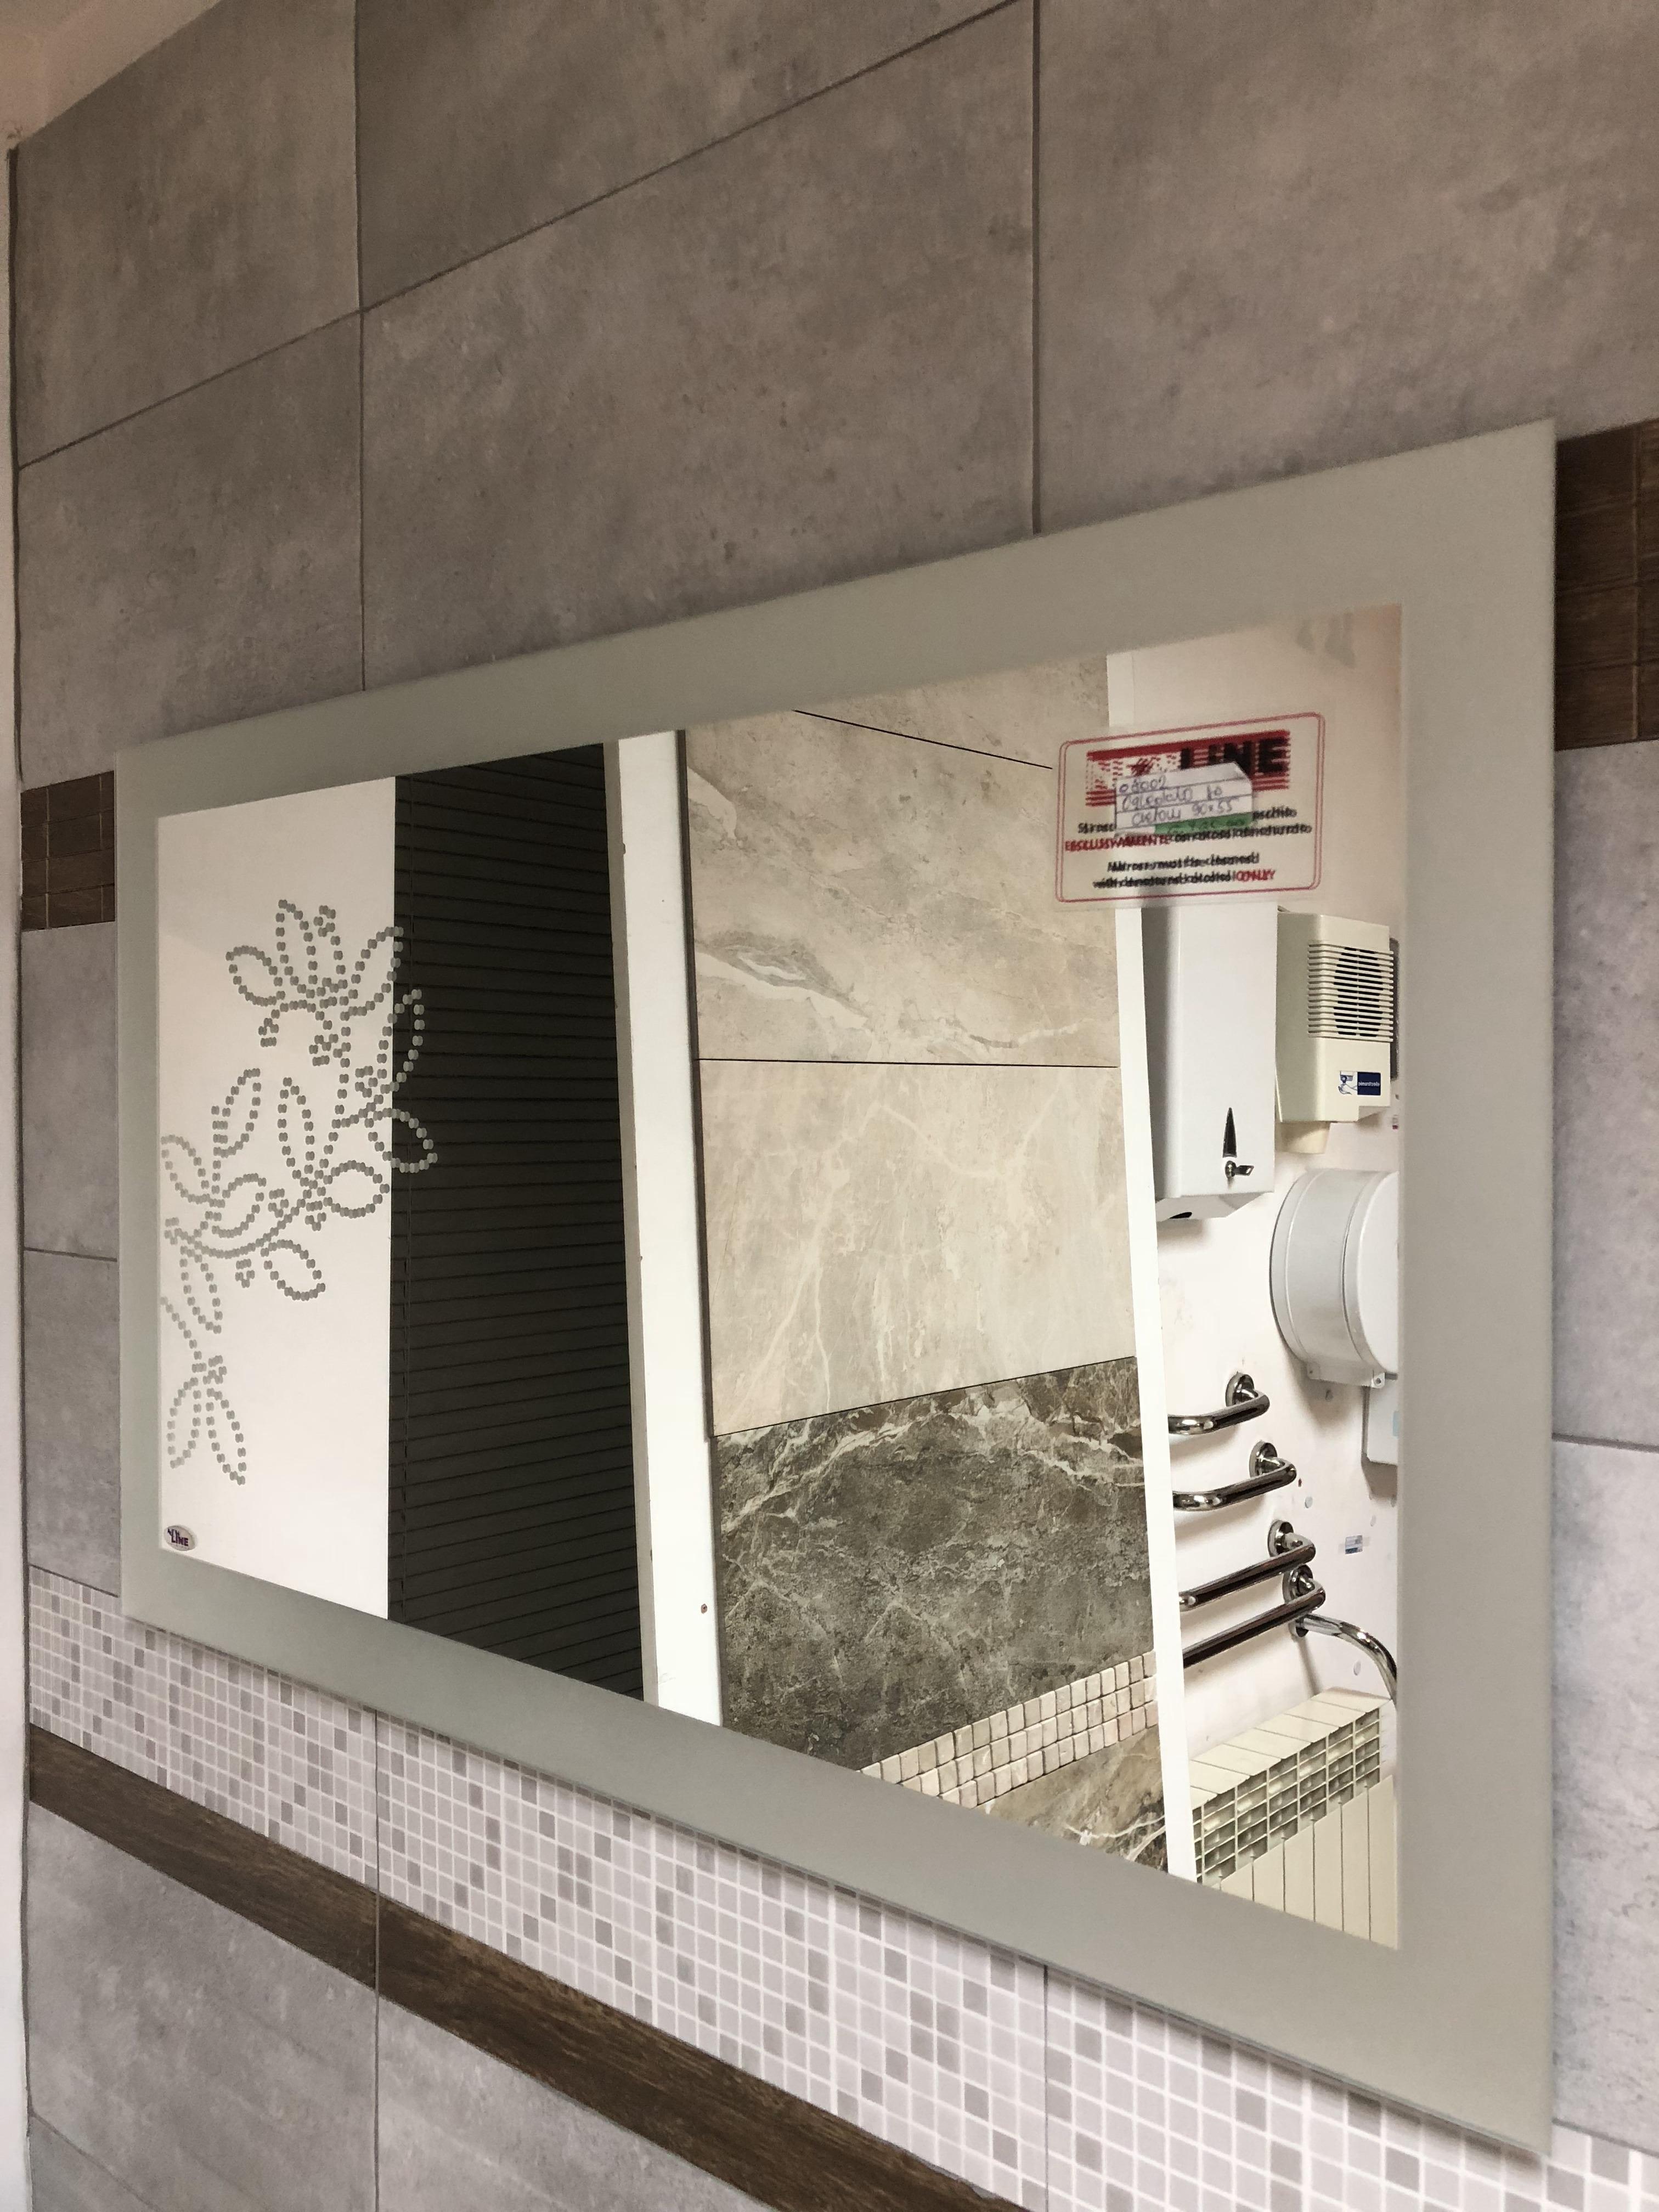 Ogledalo vertikalno peskirane ivice kupatila online